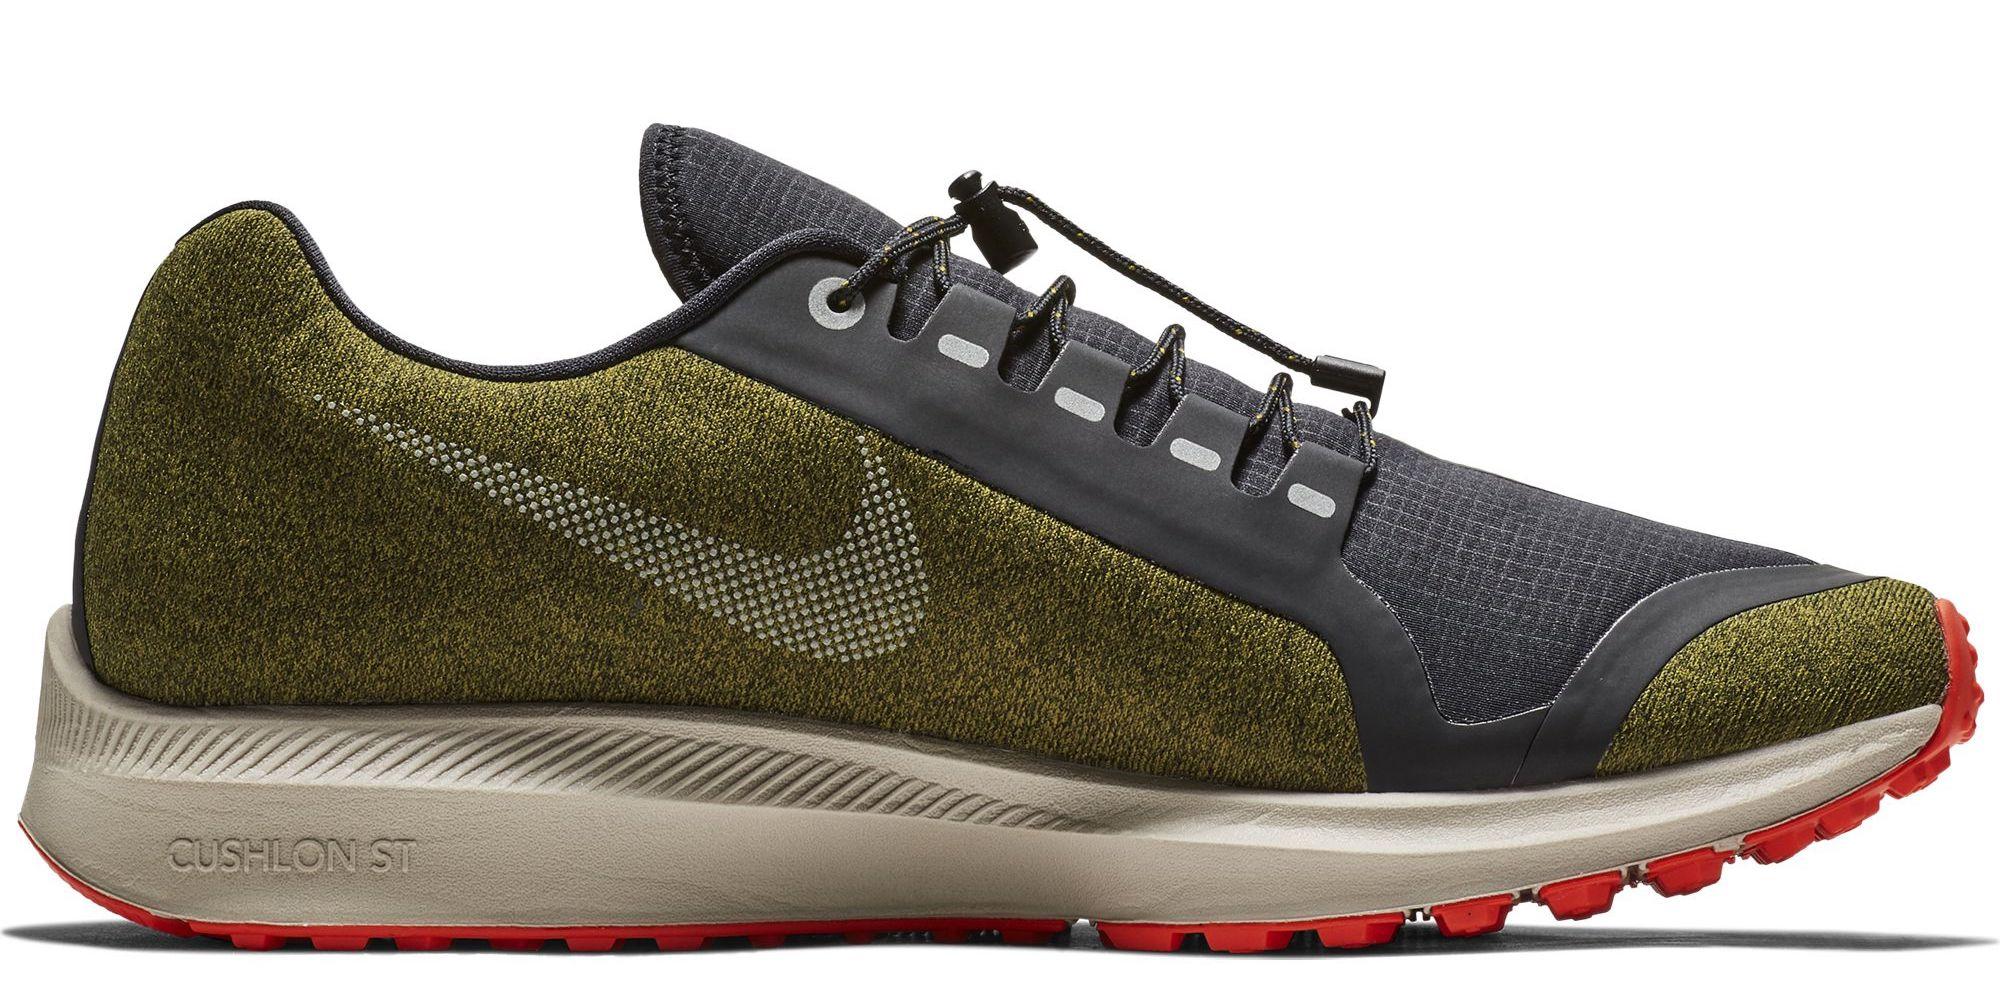 online retailer bfb6e fda9b Nike Zoom Winflo 5 Run Shield in Übergrößen: 9609-28